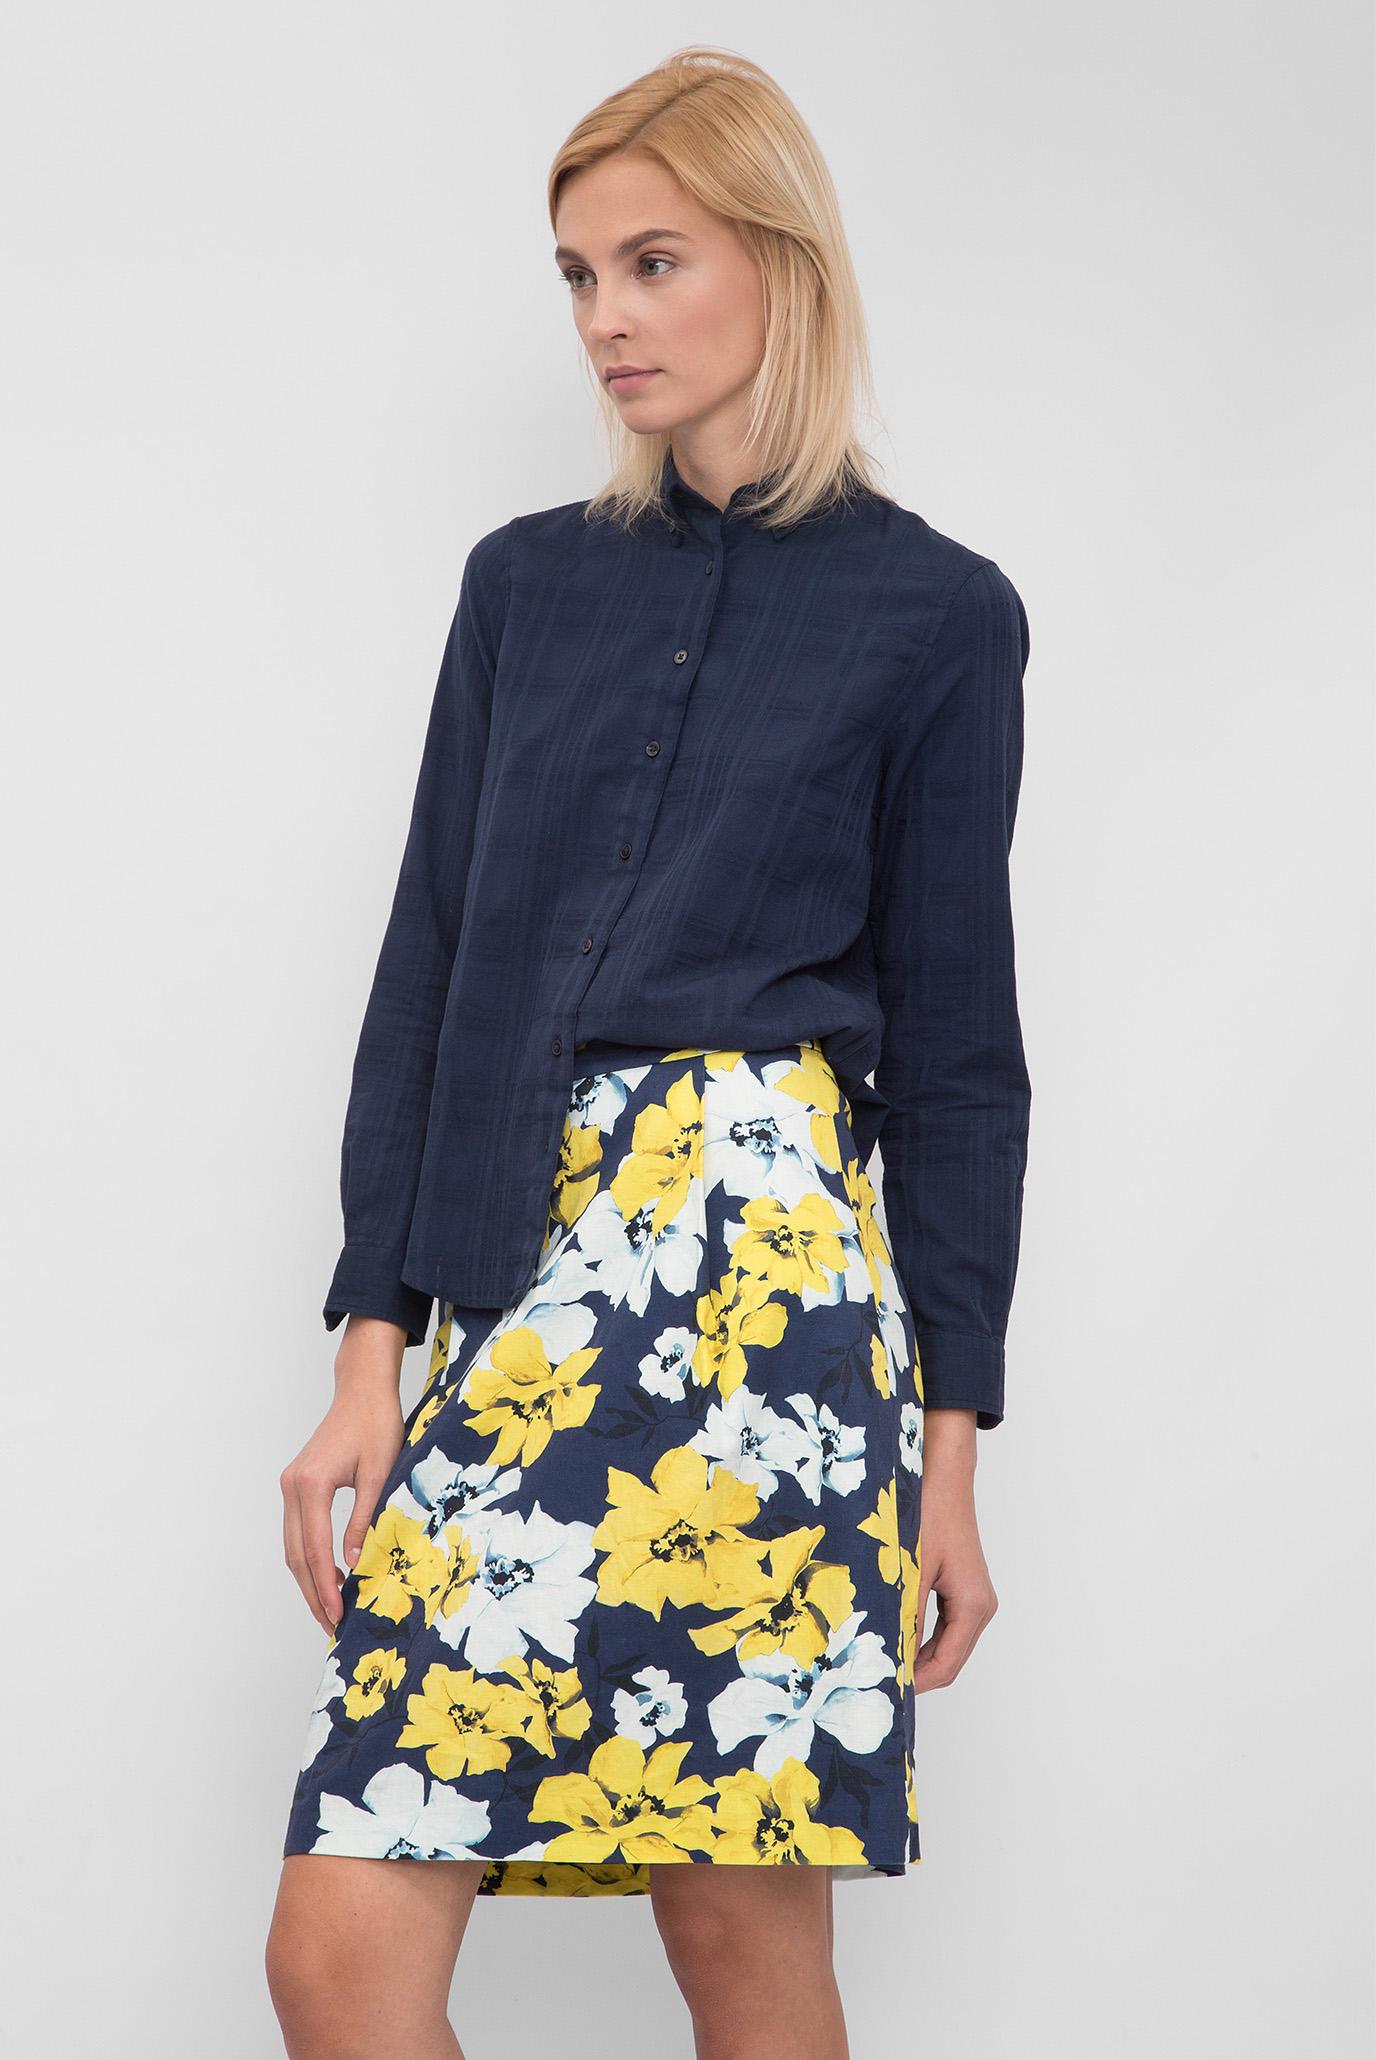 Купить Женская синяя рубашка Solid check shirt Gant Gant 432675 – Киев, Украина. Цены в интернет магазине MD Fashion